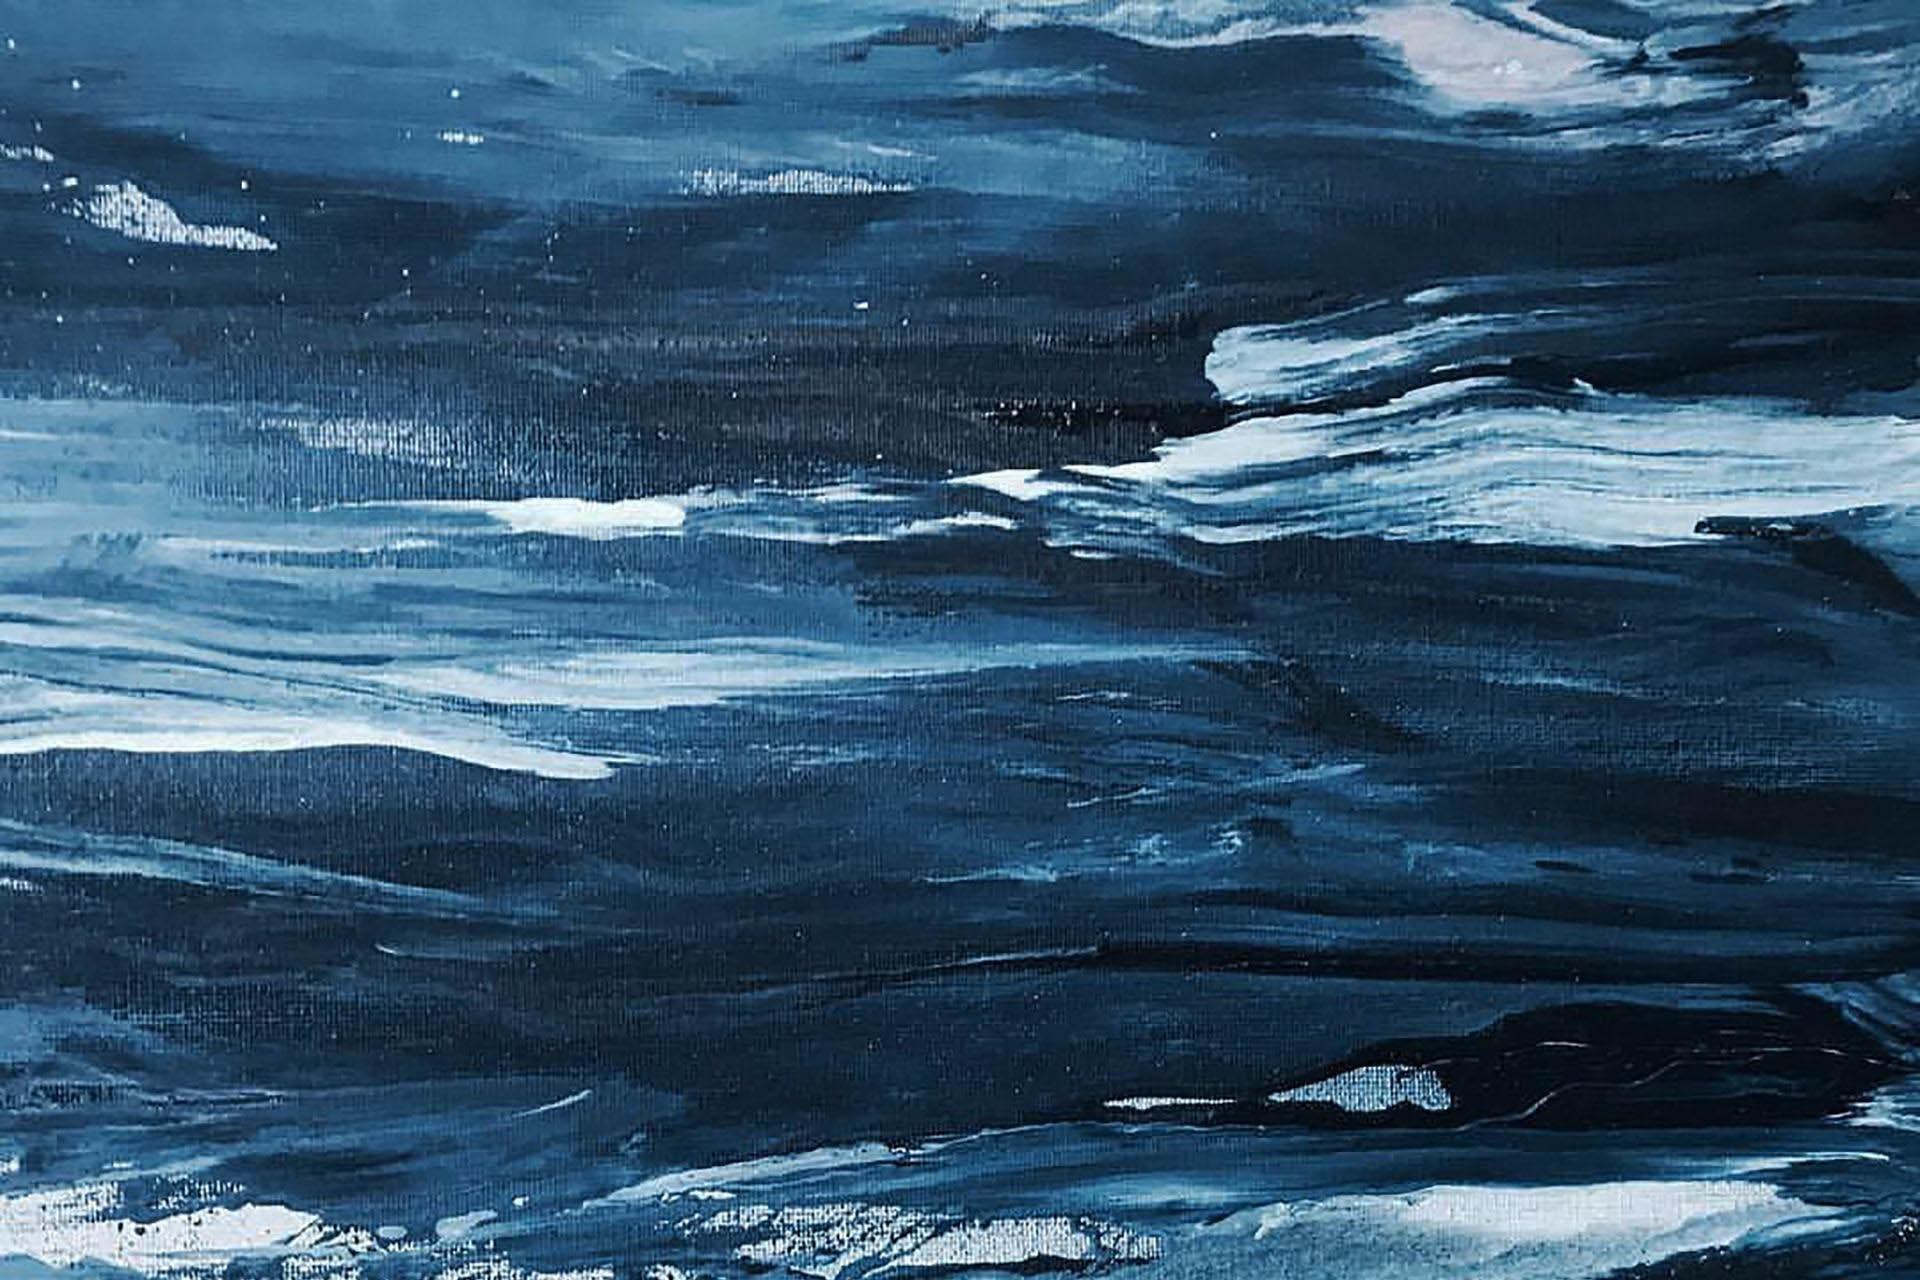 Pomalowane płótno ciemnym kolorem, przecierane jasną farbą